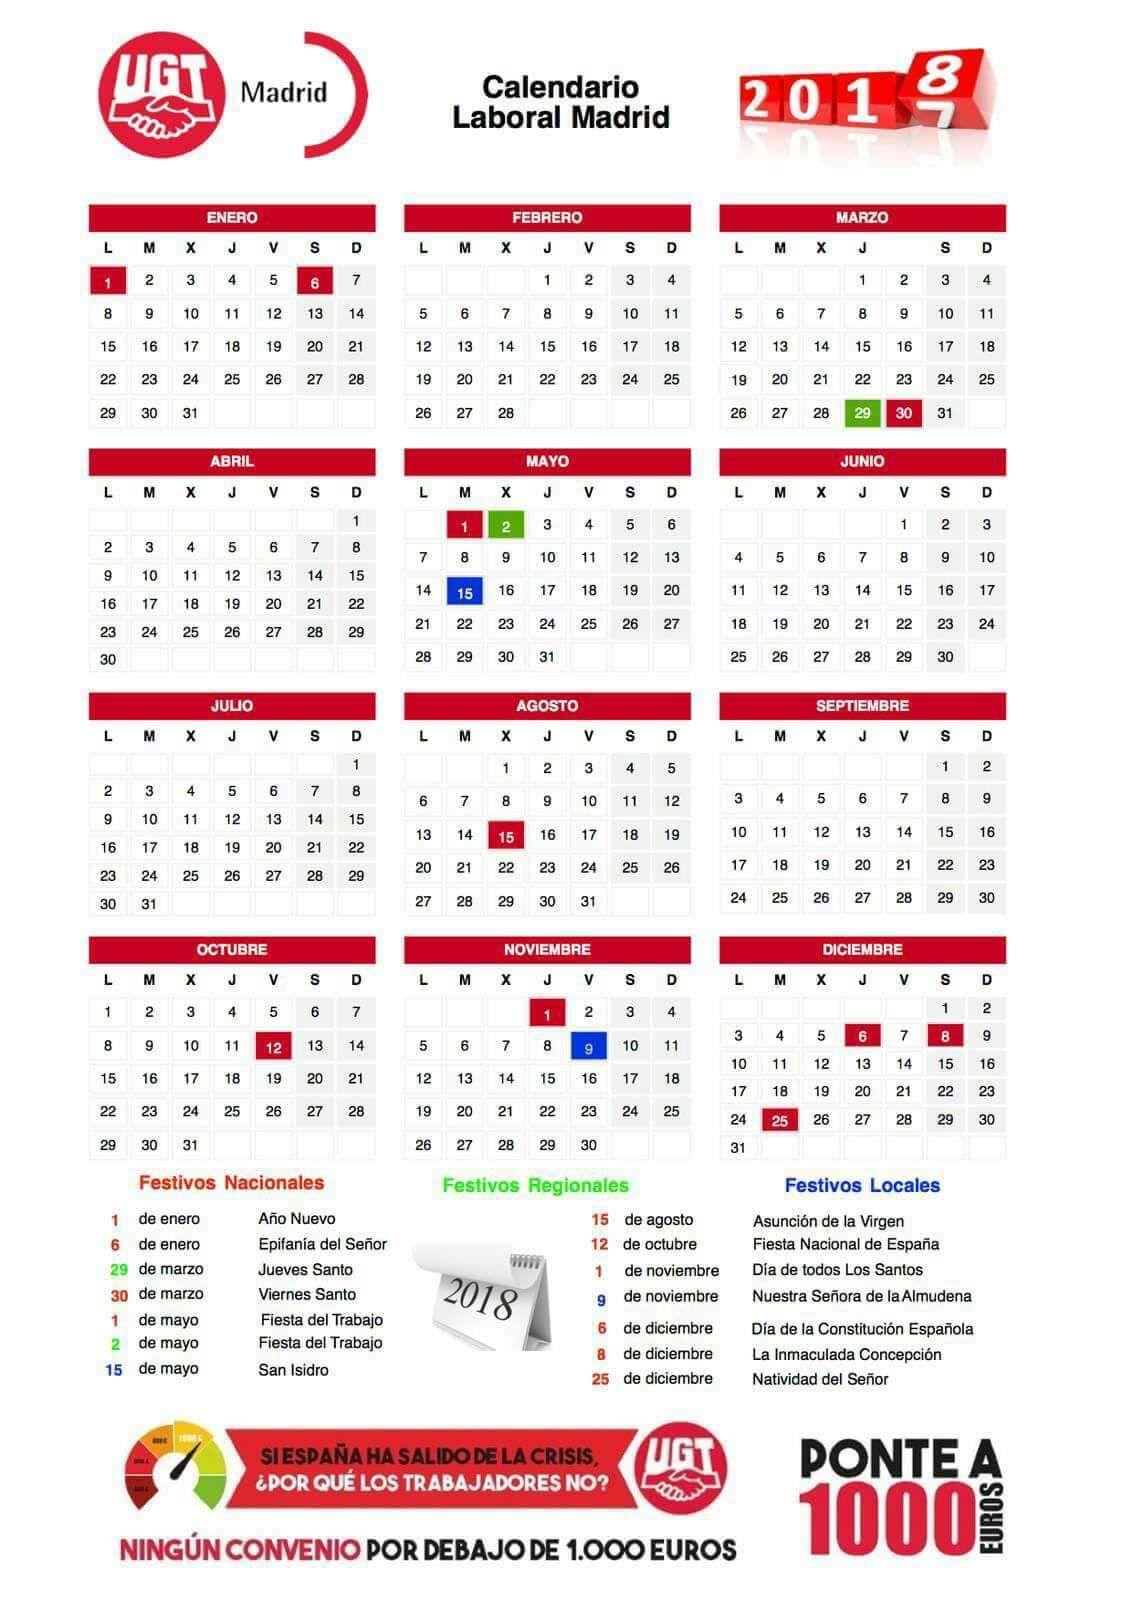 Calendario Laboral Madrid 2020 Ugt.Seccion Sindical De Ugt Madrid En Banco Santander El Sindi